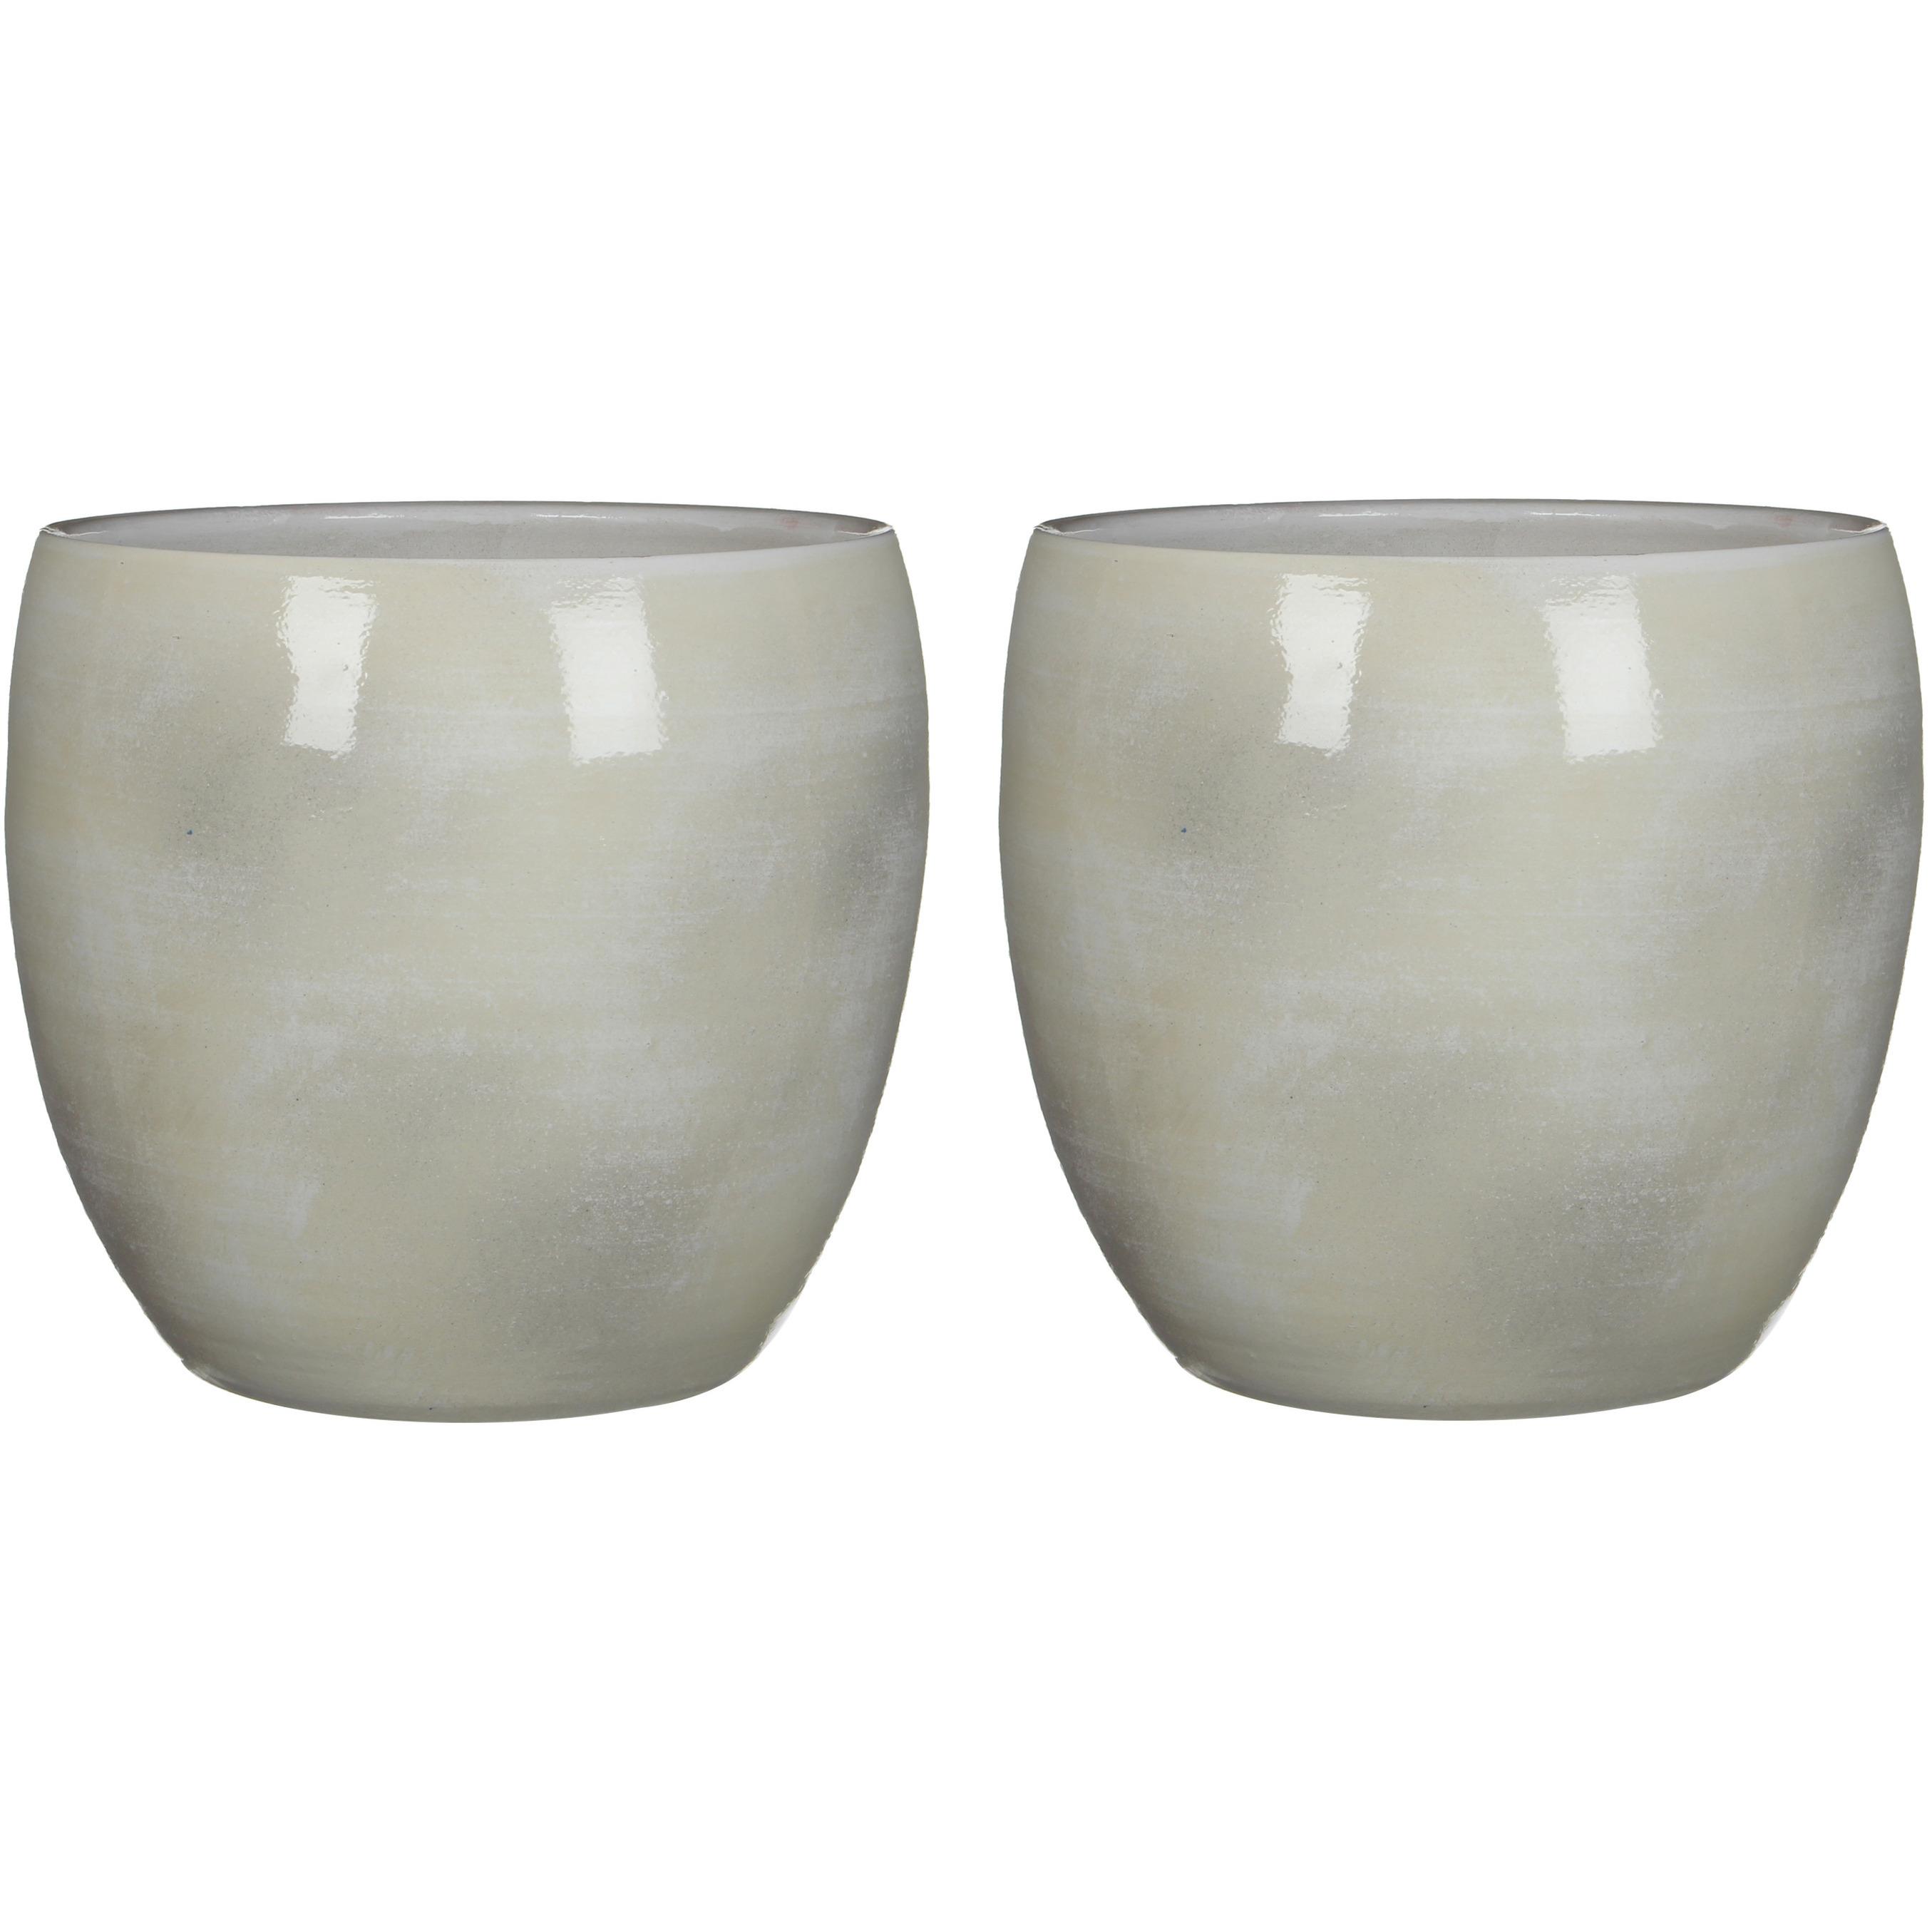 2x stuks bloempot in het shiny lightgrey stone keramiek voor kamerplant H31 x D33 cm -